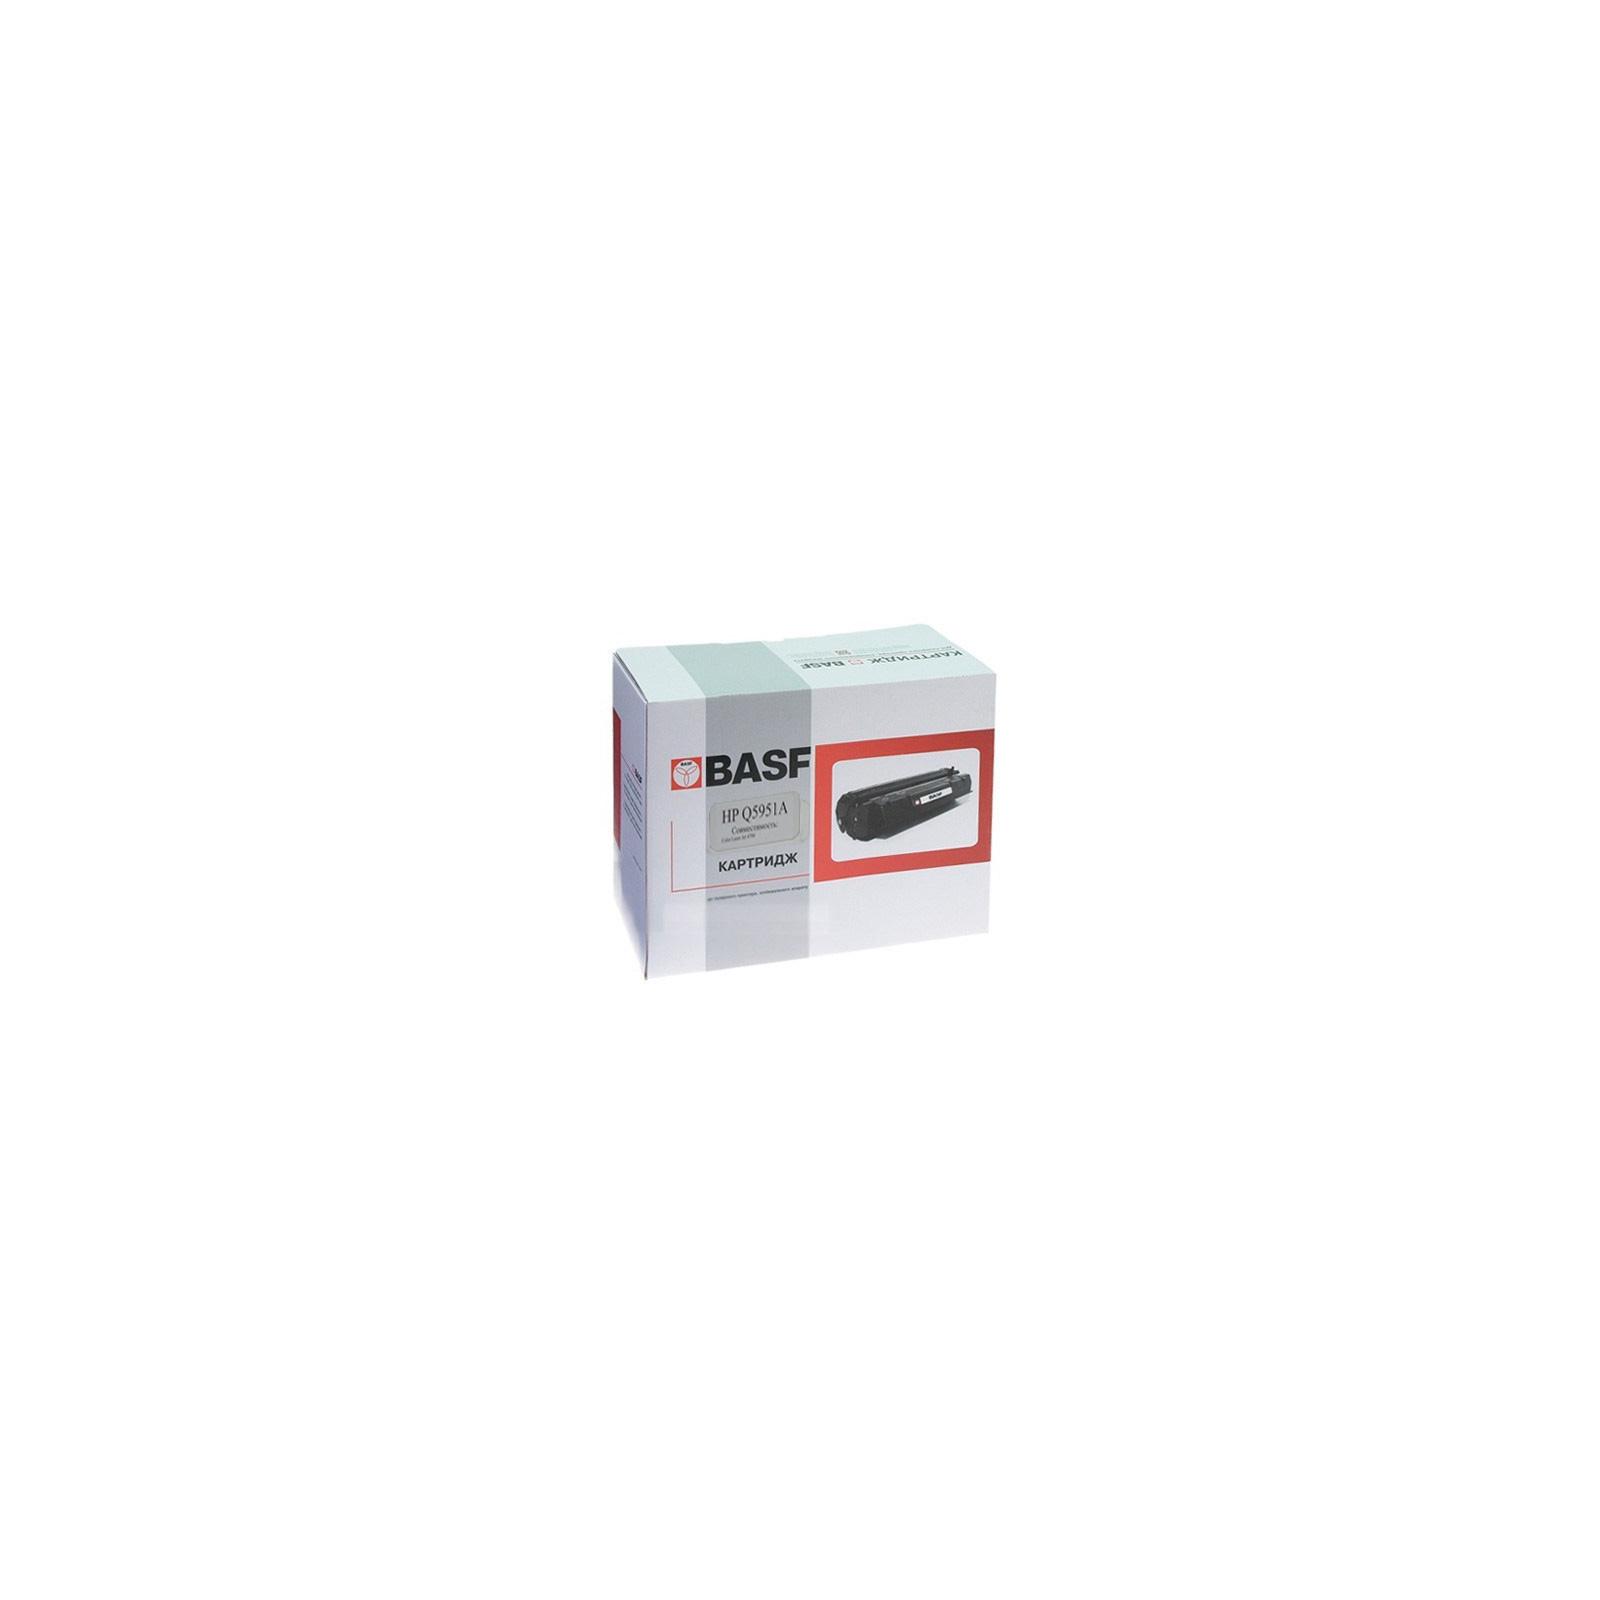 Картридж BASF для HP CLJ 4700 Cyan (BQ5951)